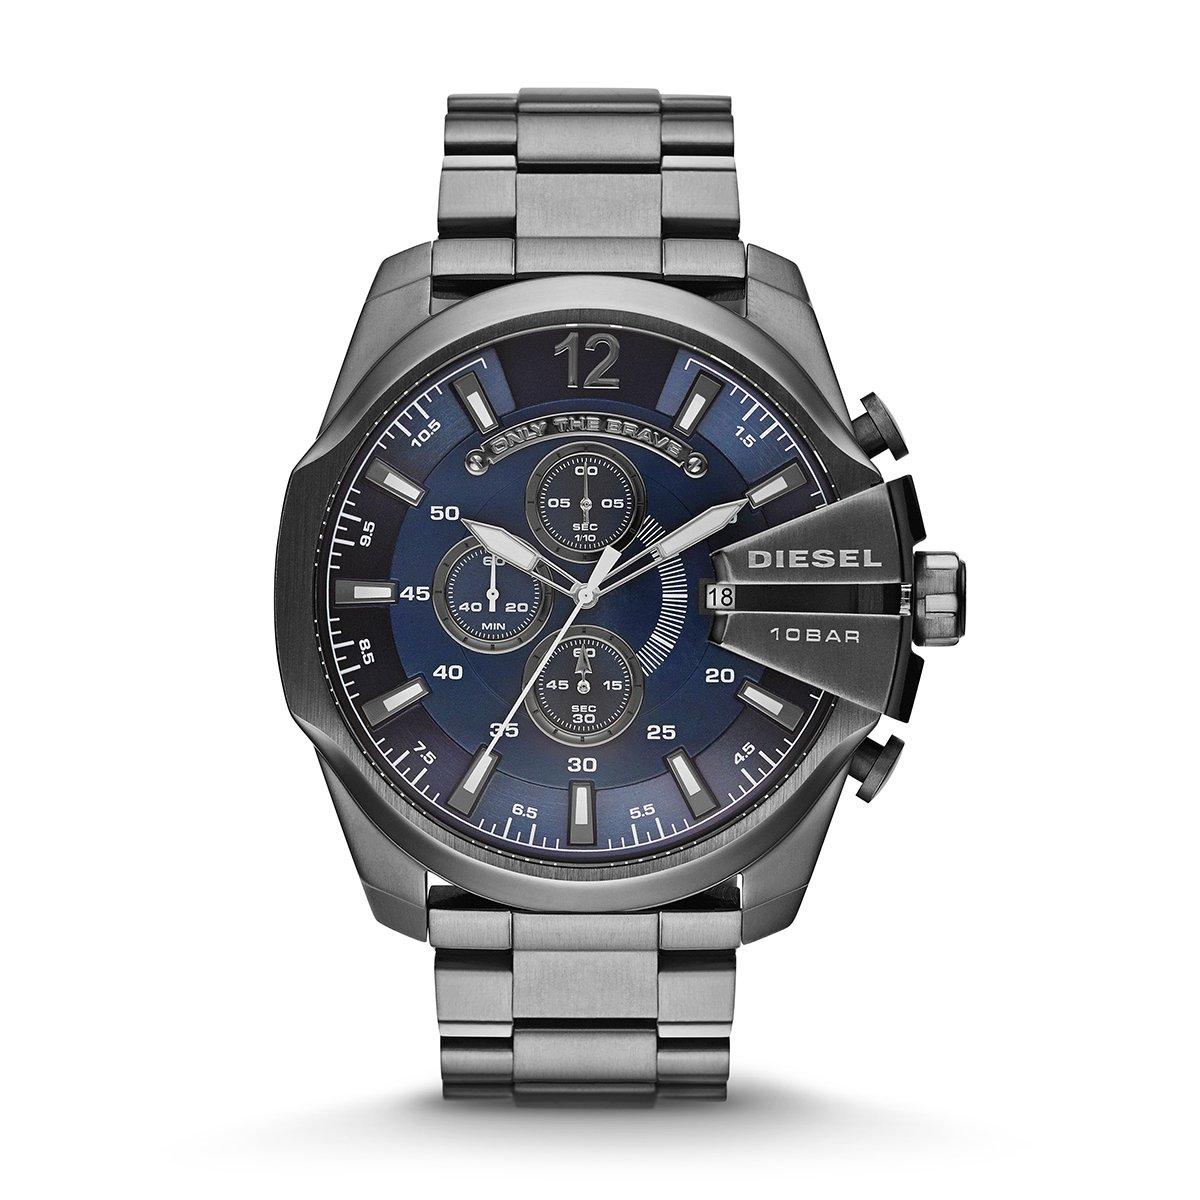 27d4c3e7319 Relógios Diesel Masculinos - Melhores Preços